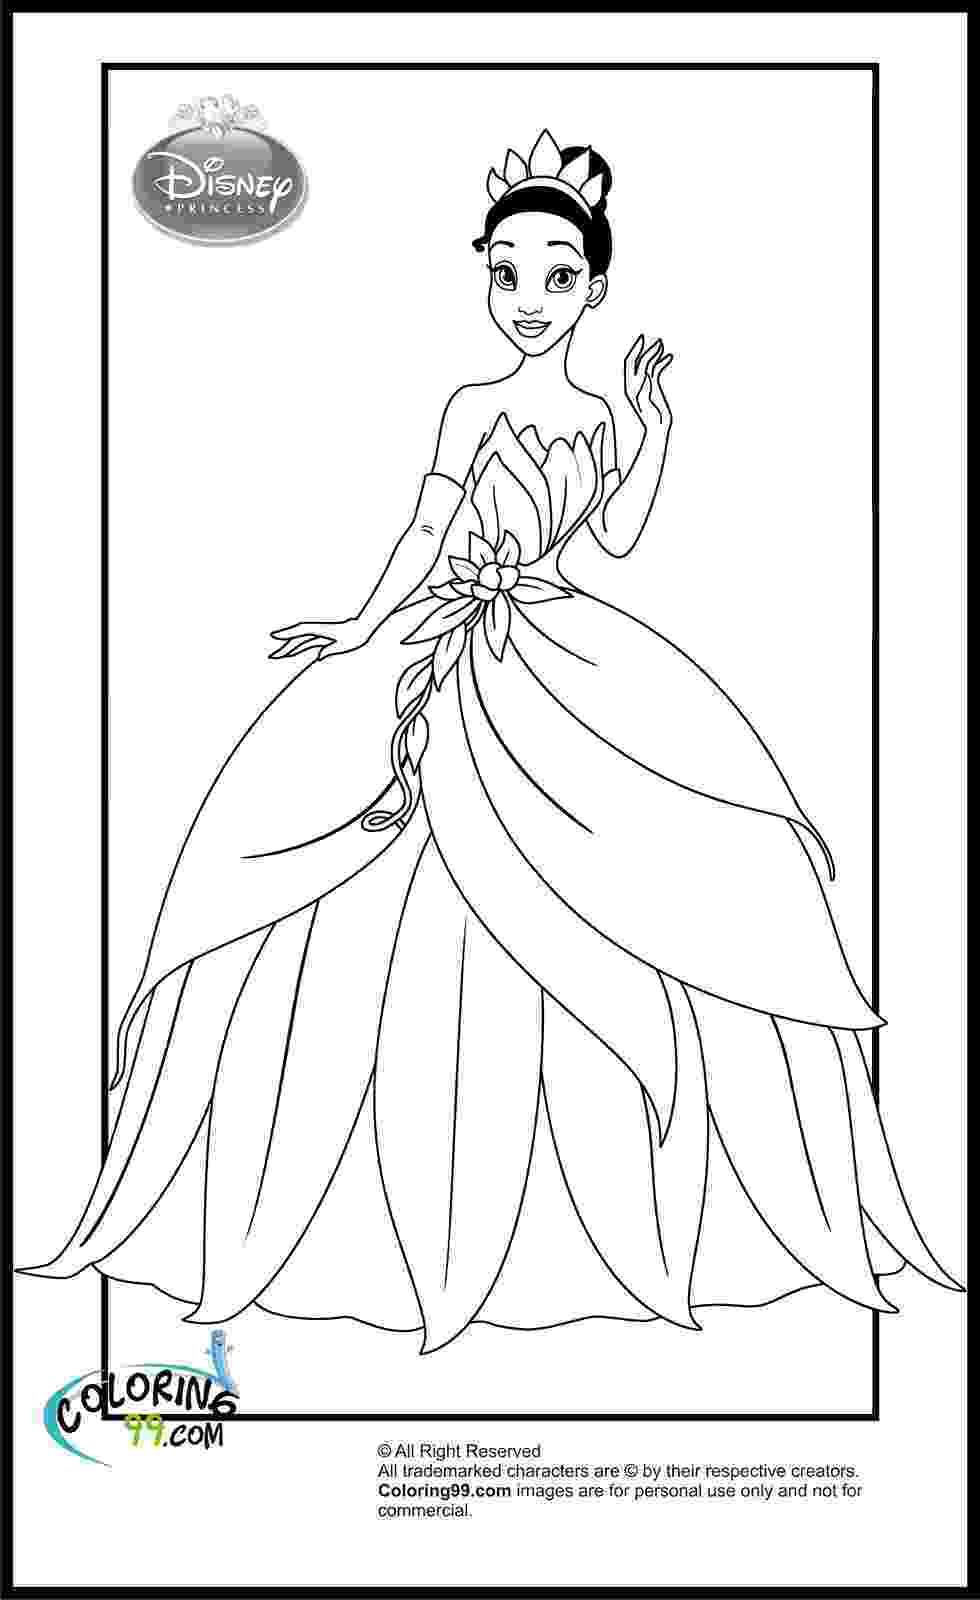 coloring pages online princess disney princess coloring pages minister coloring coloring pages princess online